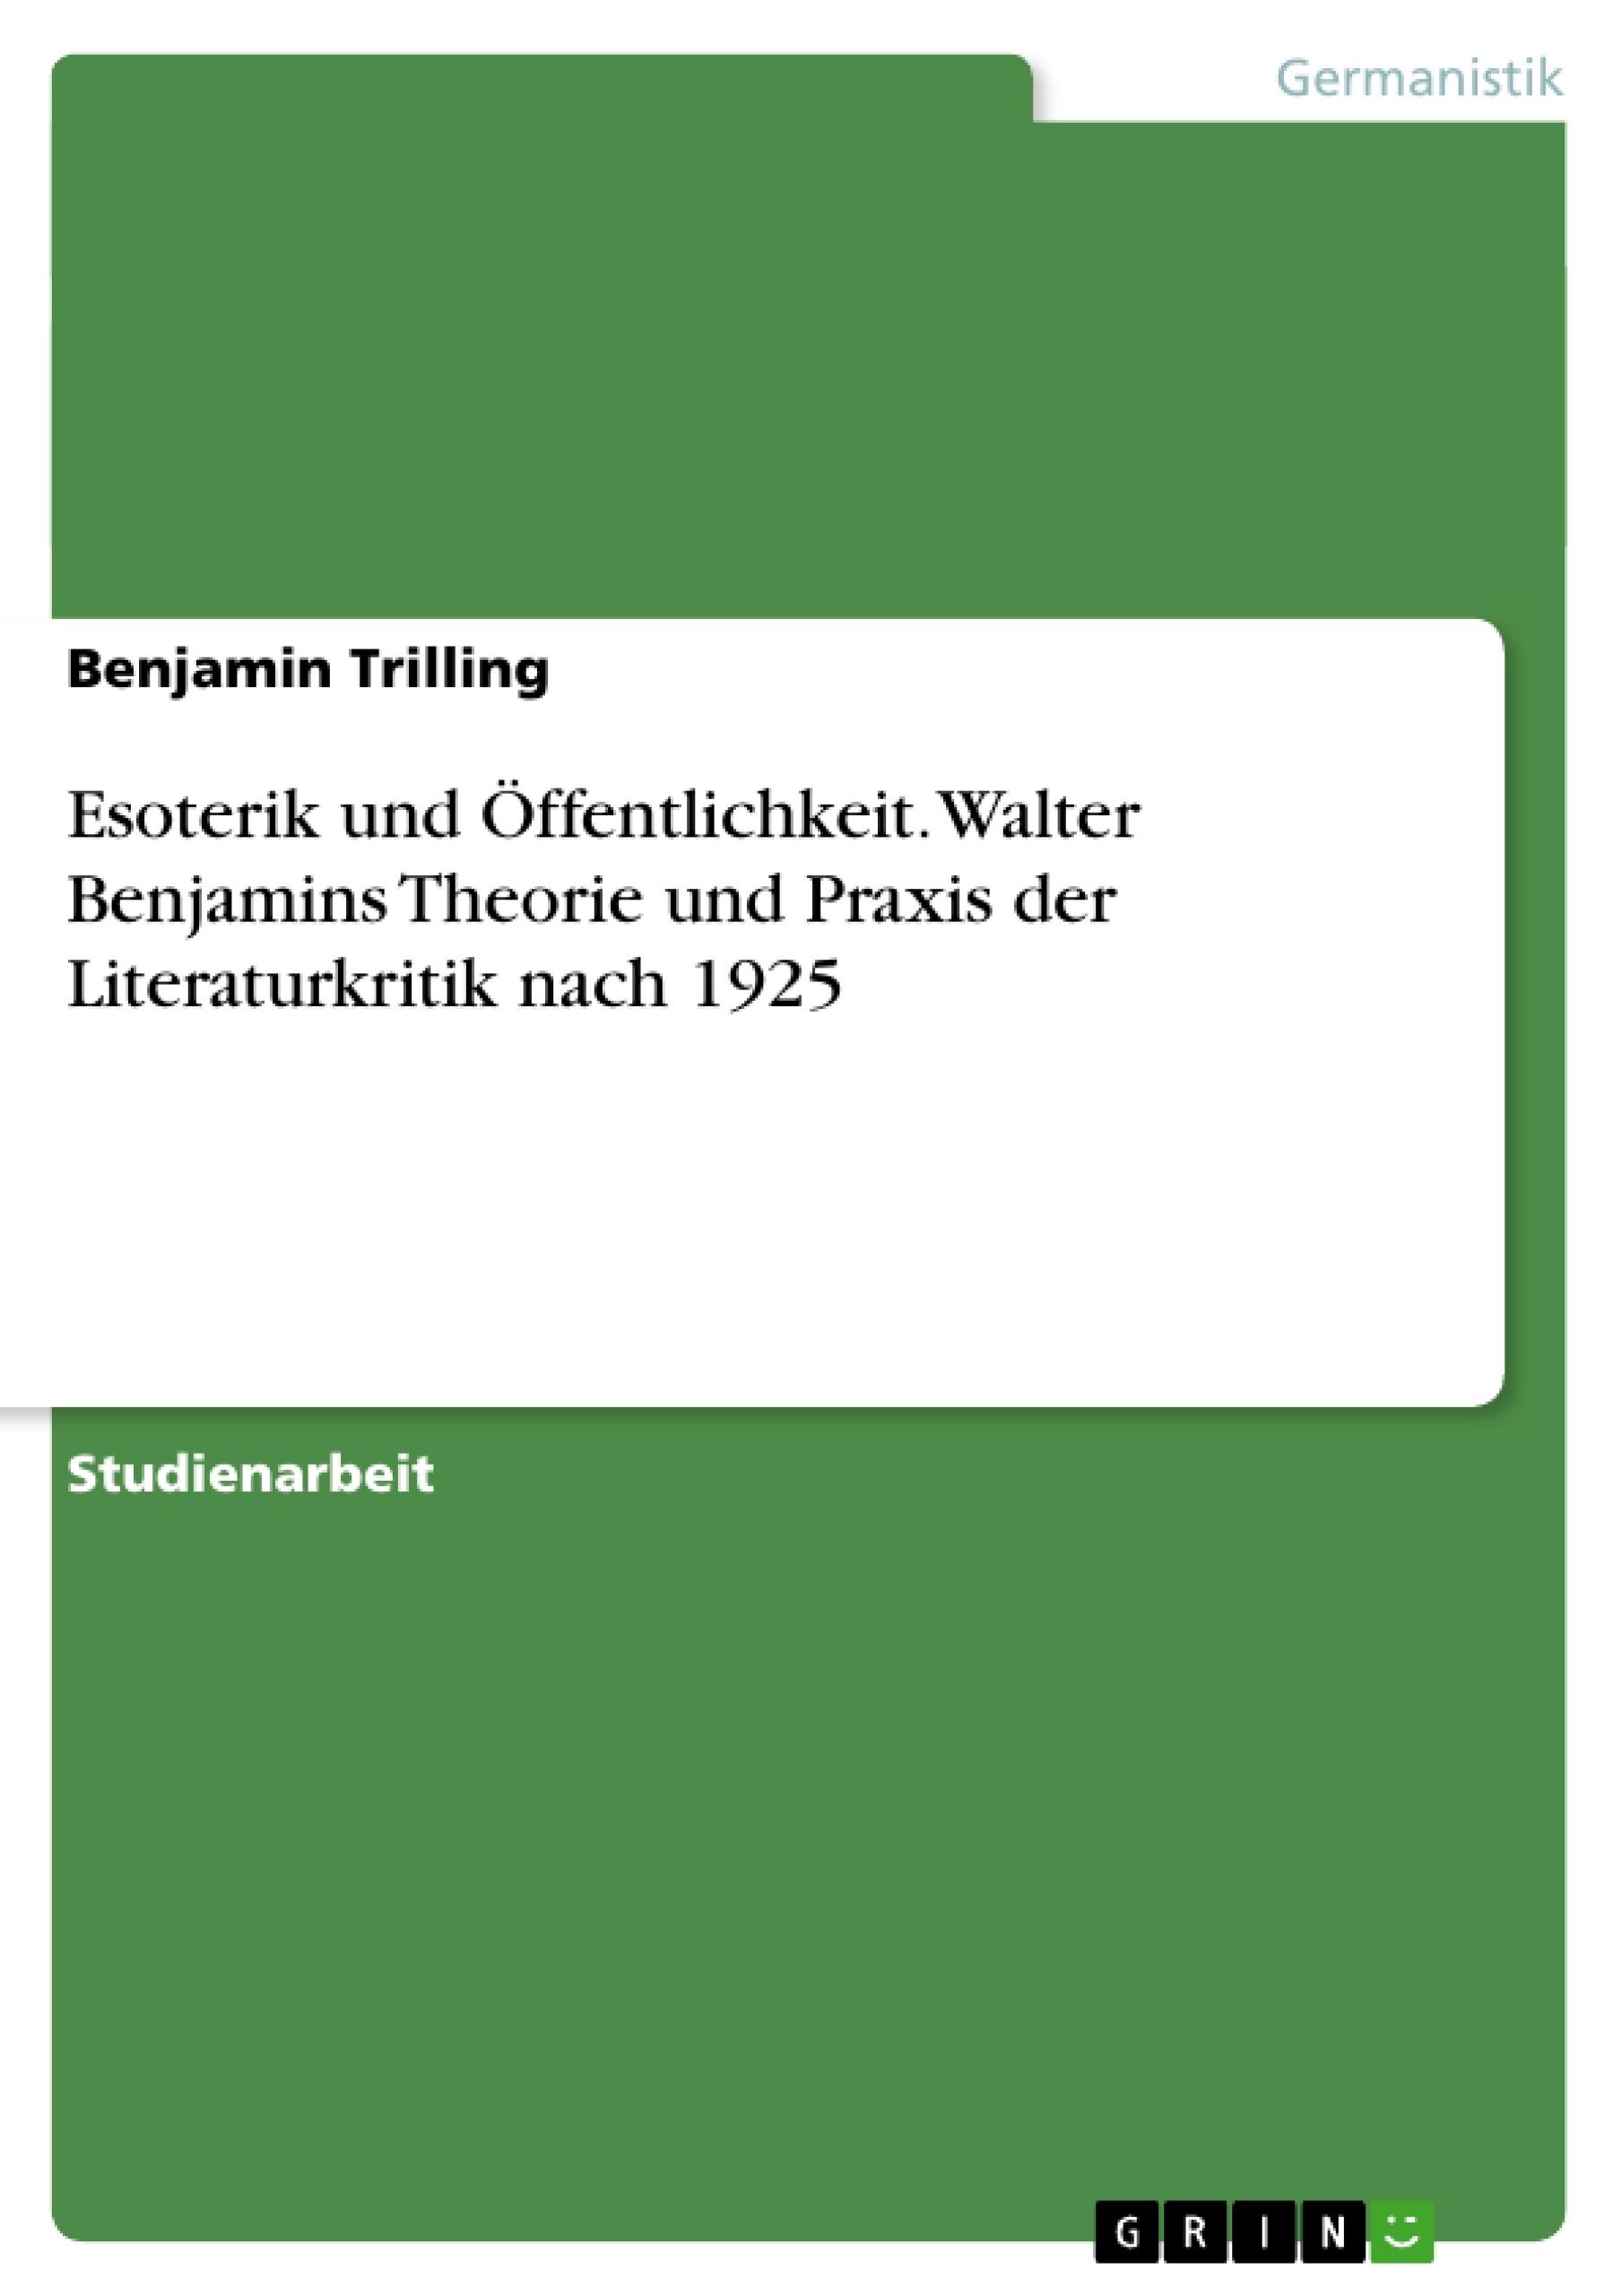 Titel: Esoterik und Öffentlichkeit. Walter Benjamins Theorie und Praxis der Literaturkritik nach 1925